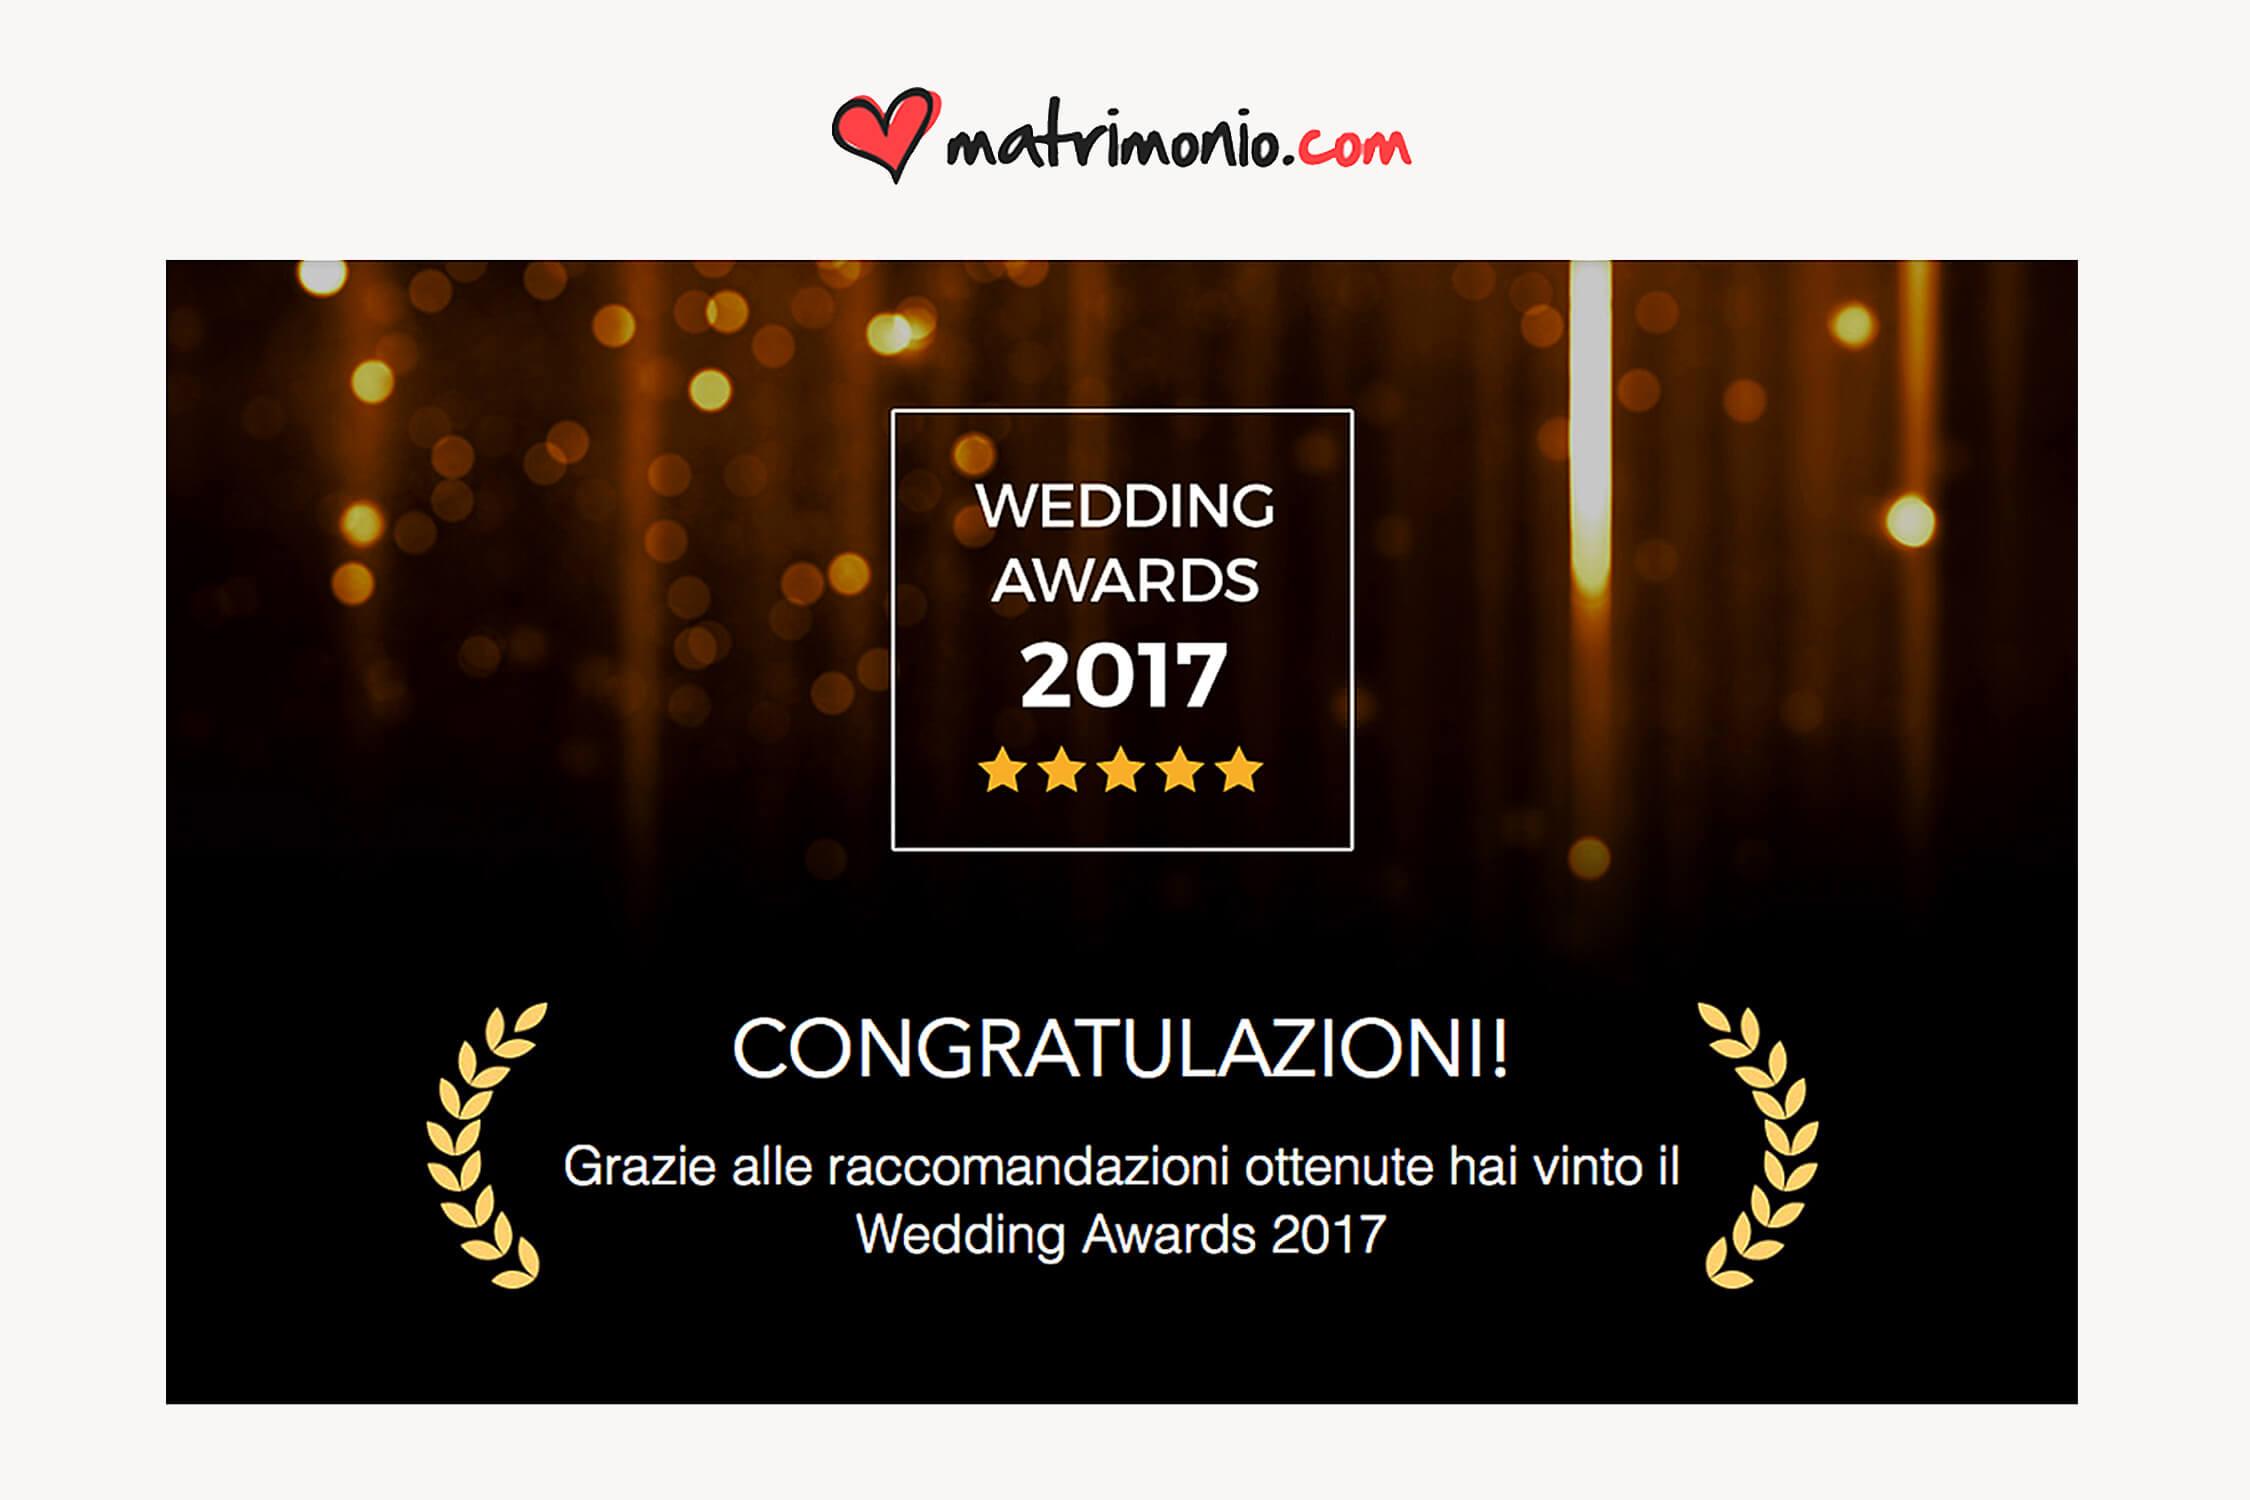 Premio 2017 - Migliori Recensioni